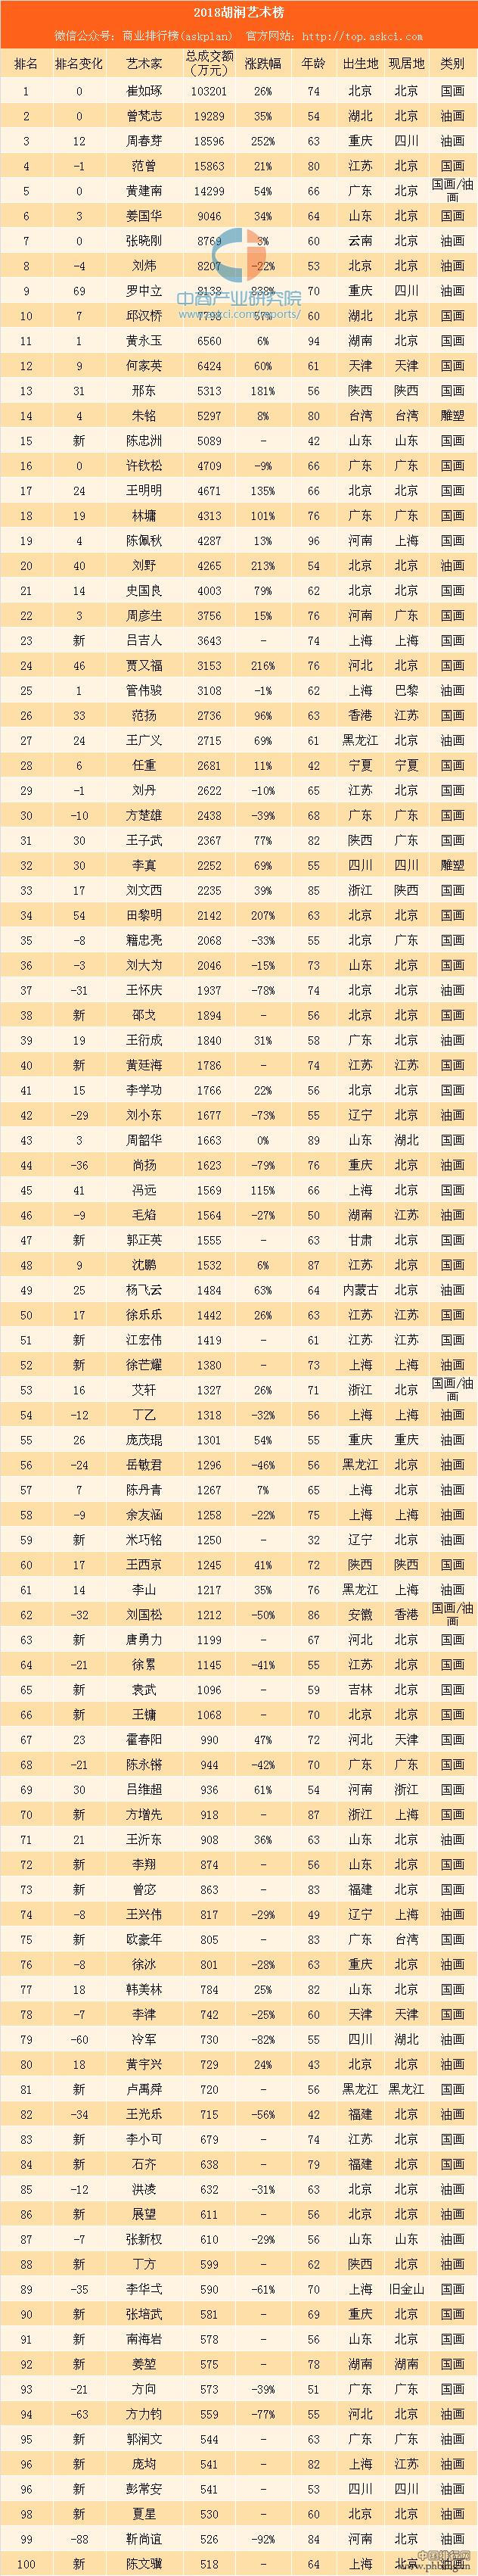 2018胡润艺术排行榜:崔如琢第一 周春芽重返前三甲